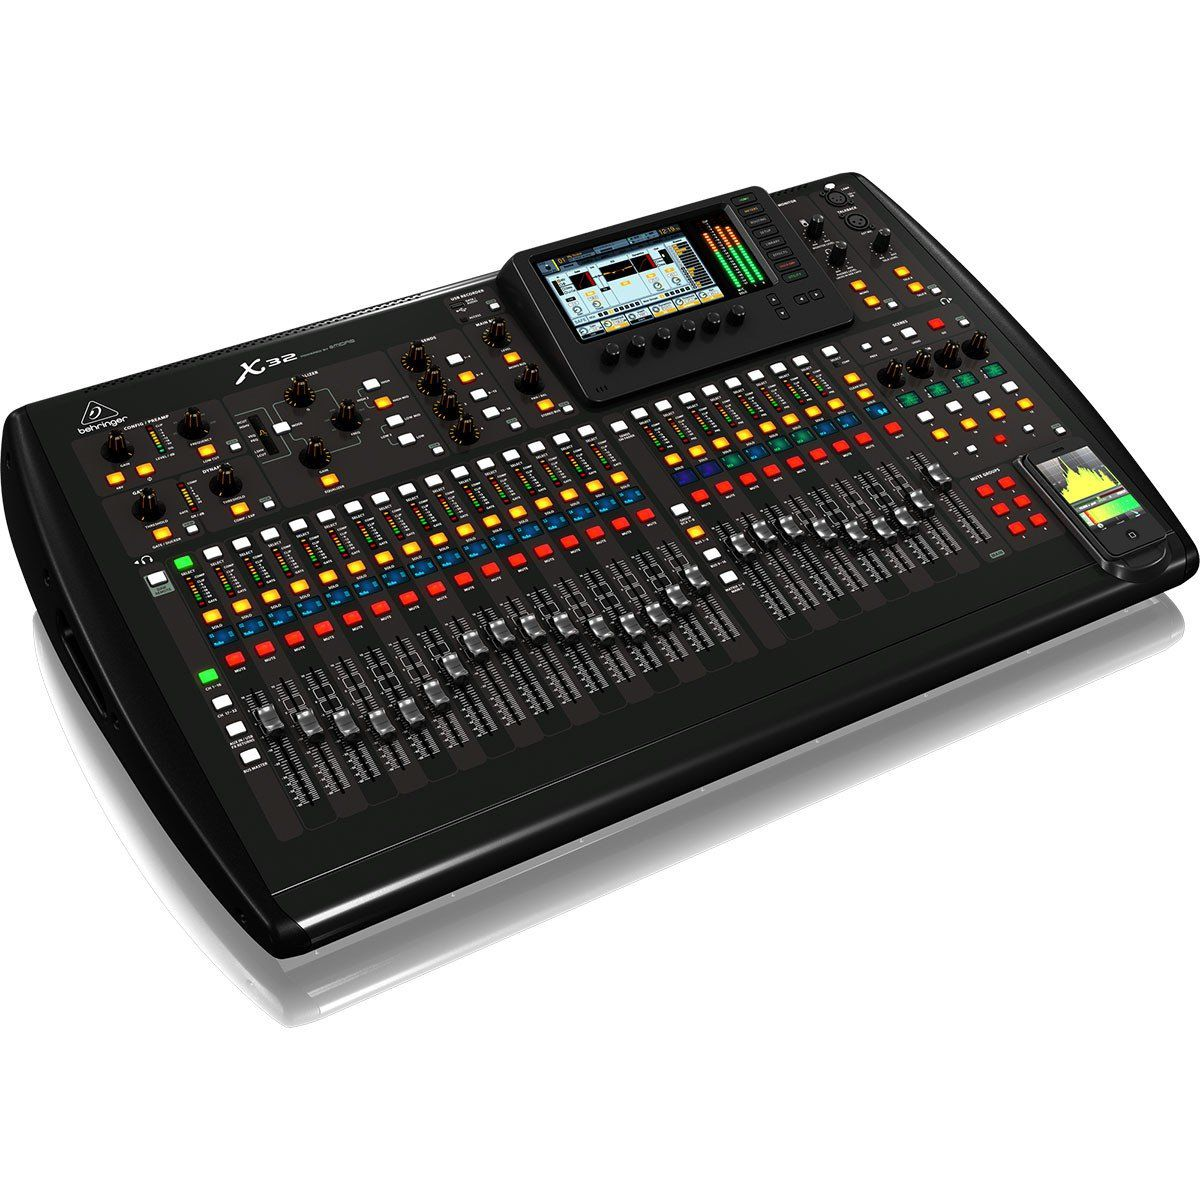 Usado - Behringer X32 Mesa de Som Digital para Aplicações Profissionais ao Vivo e Gravação